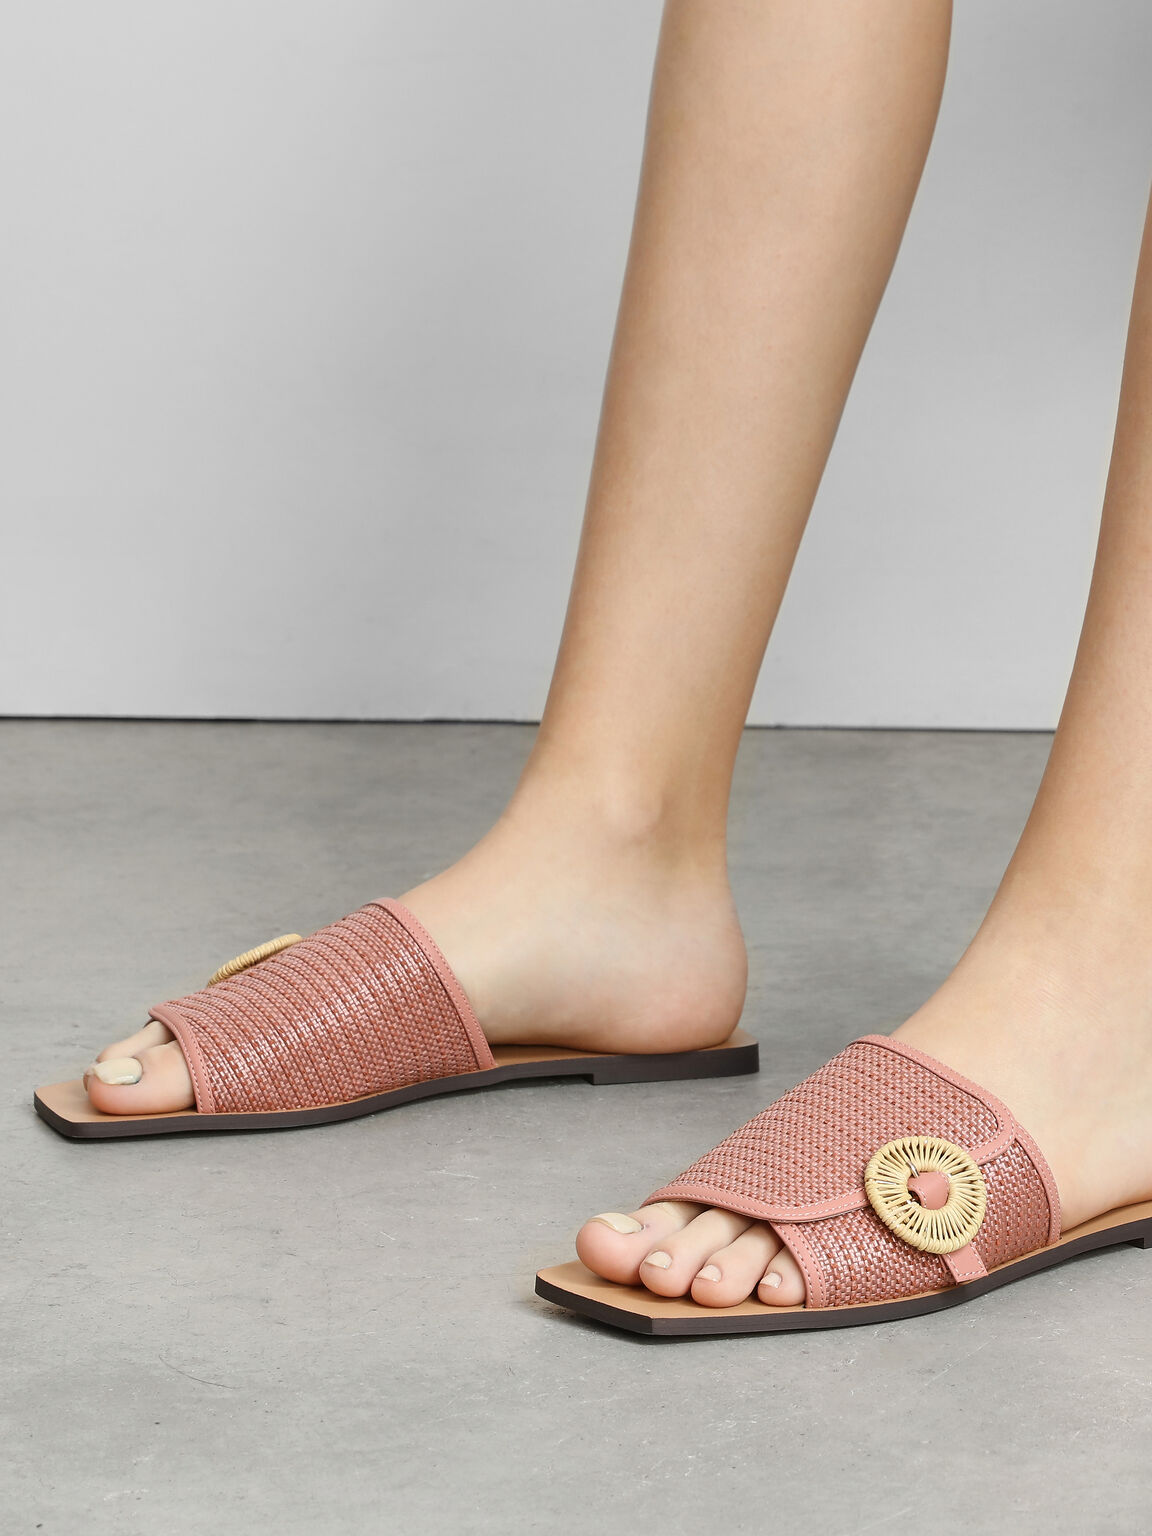 草編圓扣方頭拖鞋, 嫩粉色, hi-res